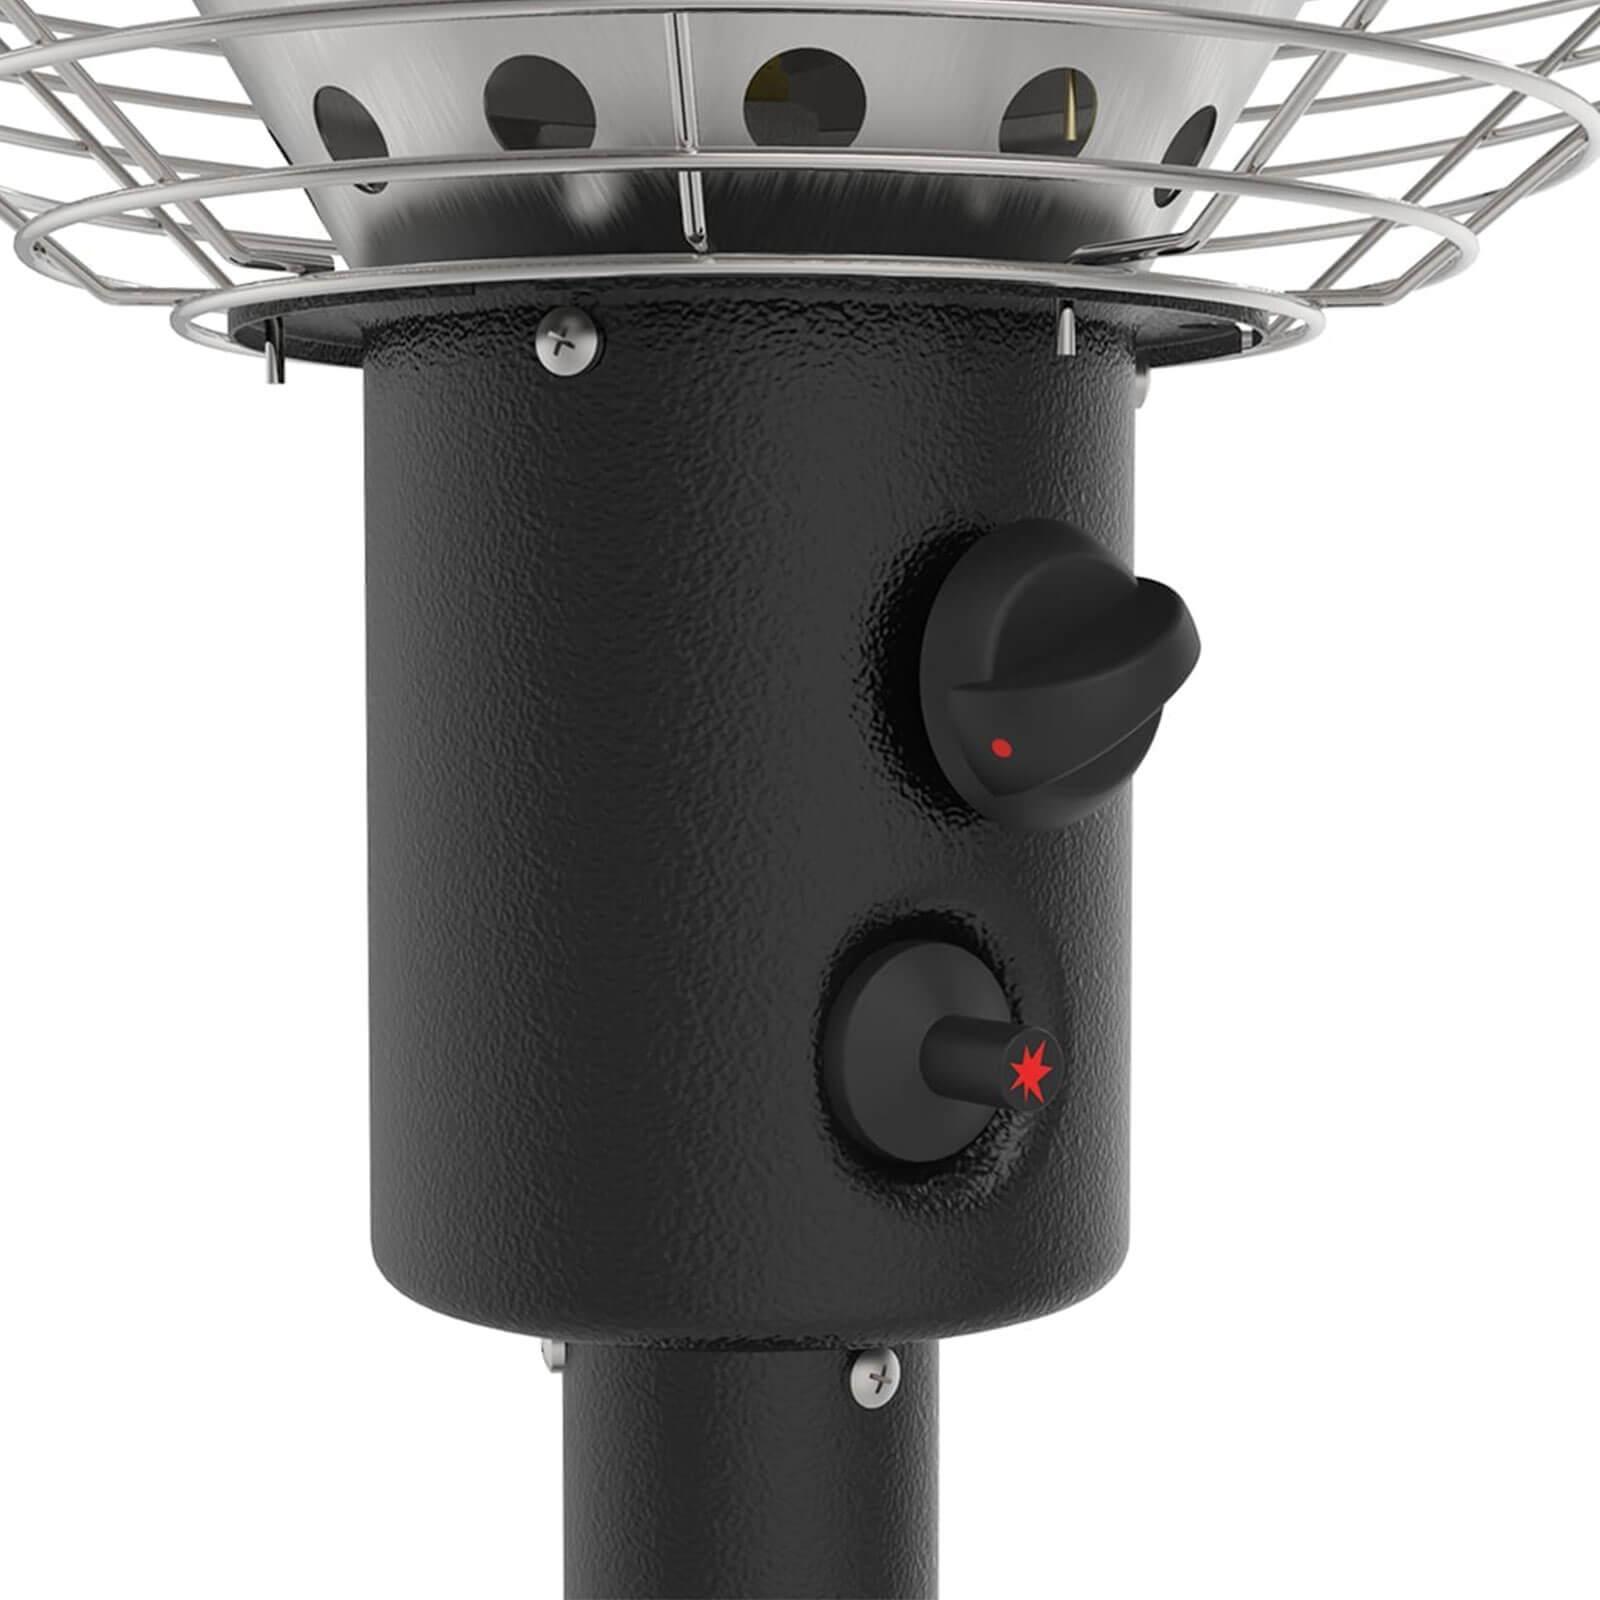 Saraha Tabletop Heater controls